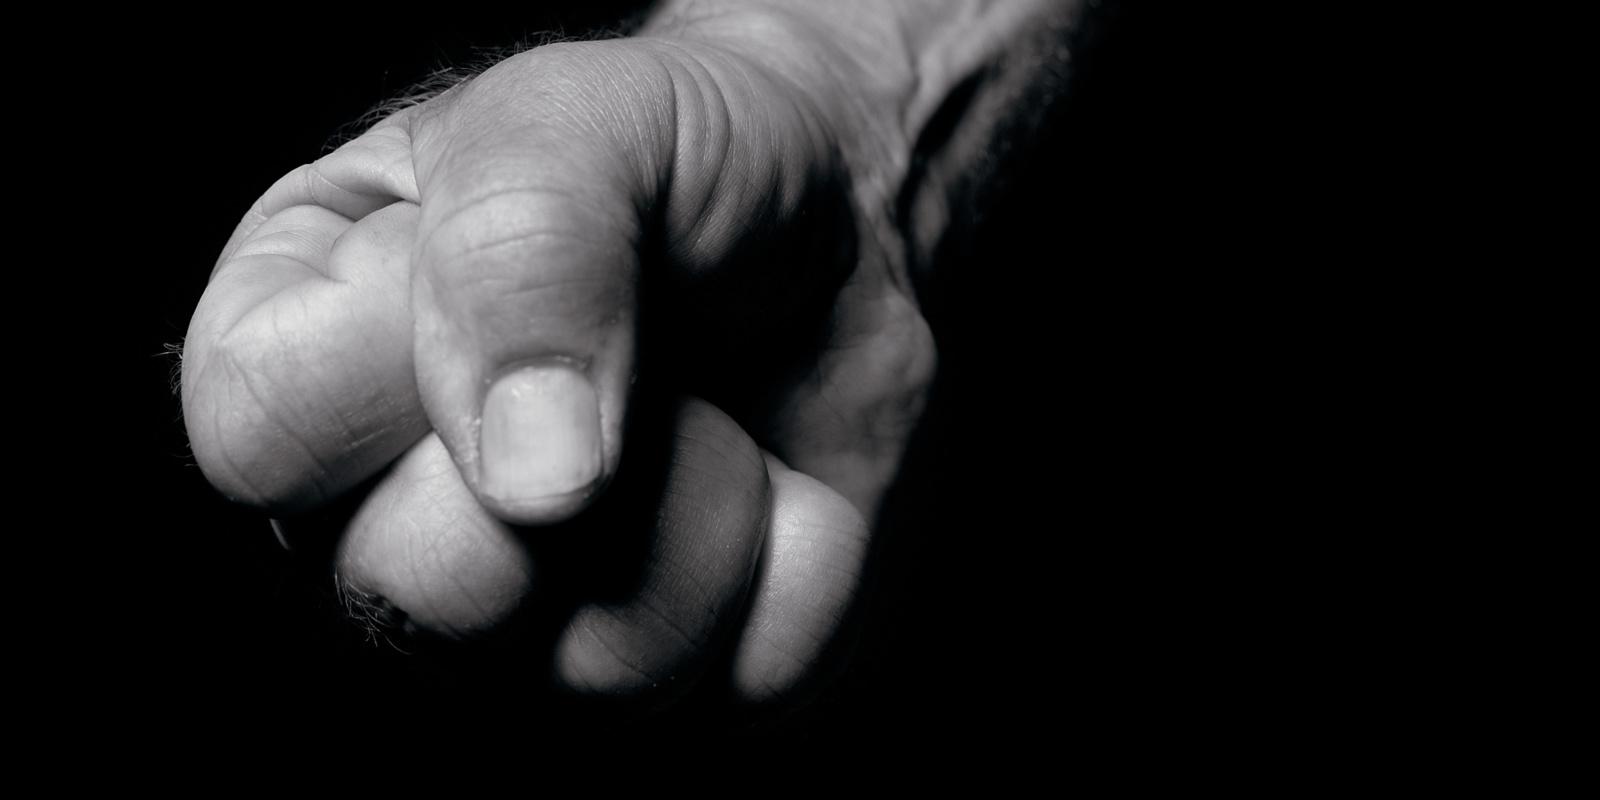 Panevėžyje sugyventinis kumščiu trenkė moters mažametei